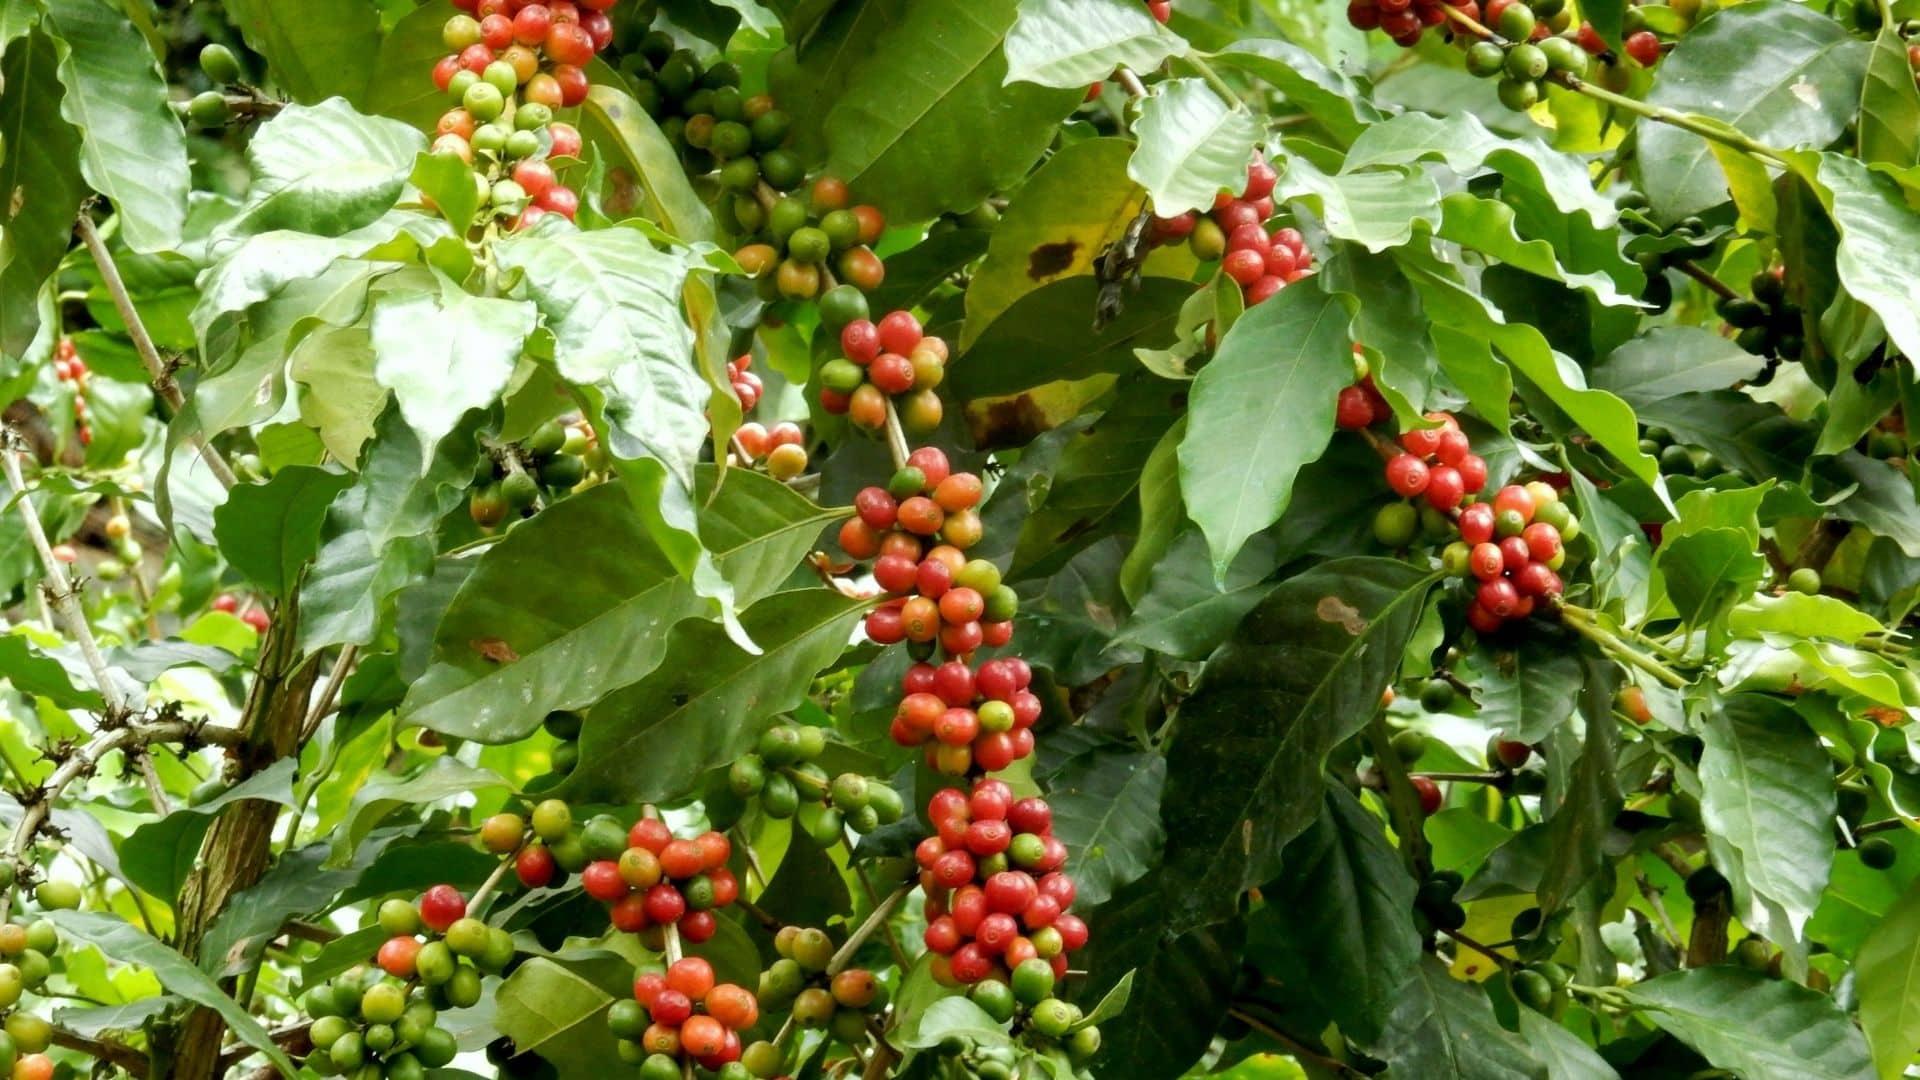 Szüksége lesz egy kávé növény otthoni termesztésére, tápanyagokban gazdag talajra, 15–26 C° közötti hőmérsékletre, 4-5 óra napfényre, nedves, de nem vízzel feltöltött talajra és türelemre.